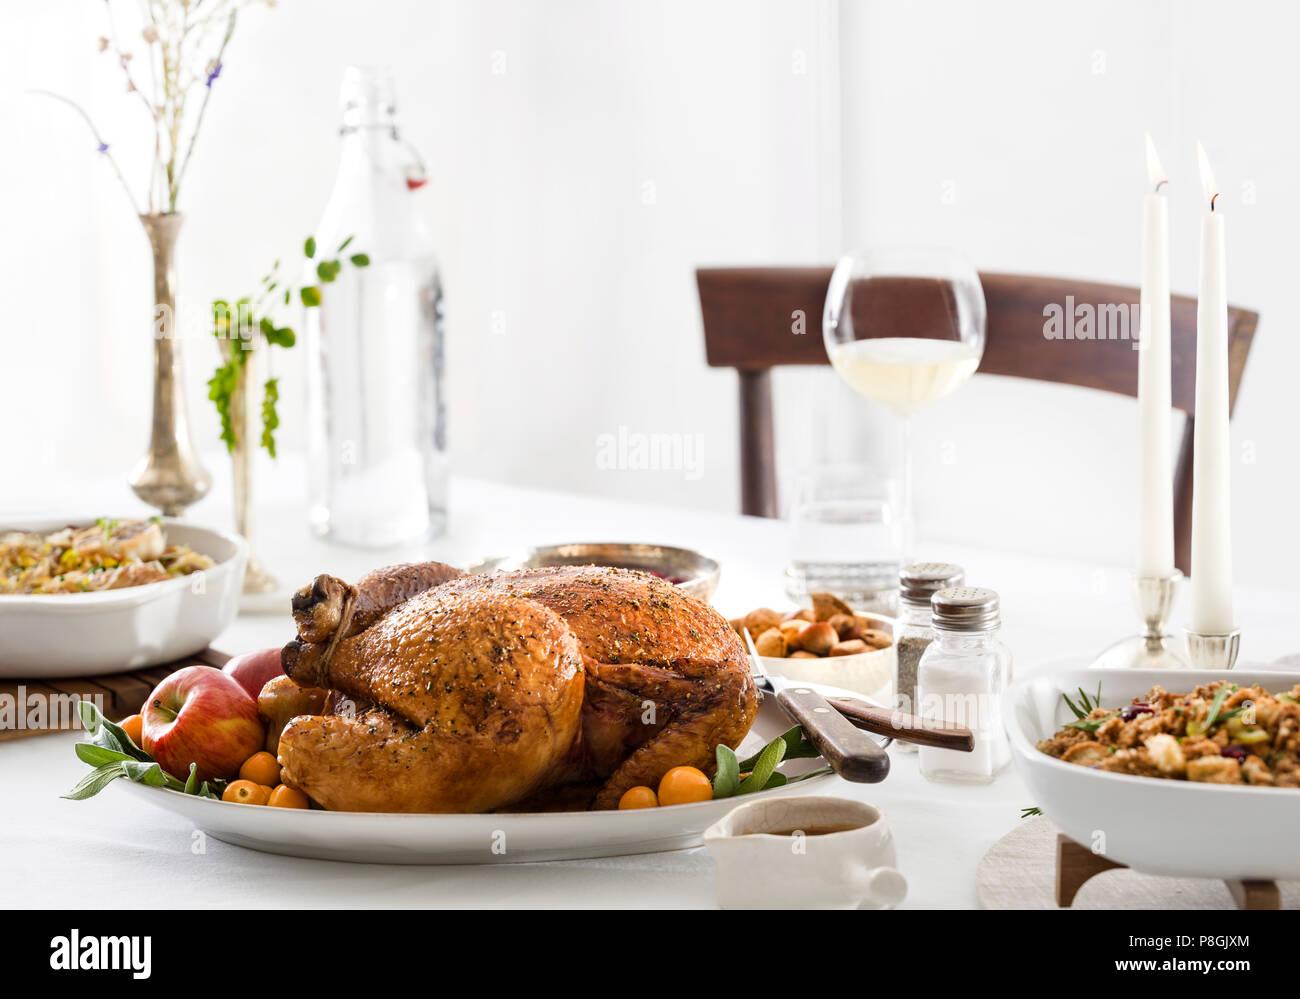 Una bella, pollo arrosto holiday cena su un pulito tavolo bianco con puliti, ancora rustico, impostazioni. Immagini Stock